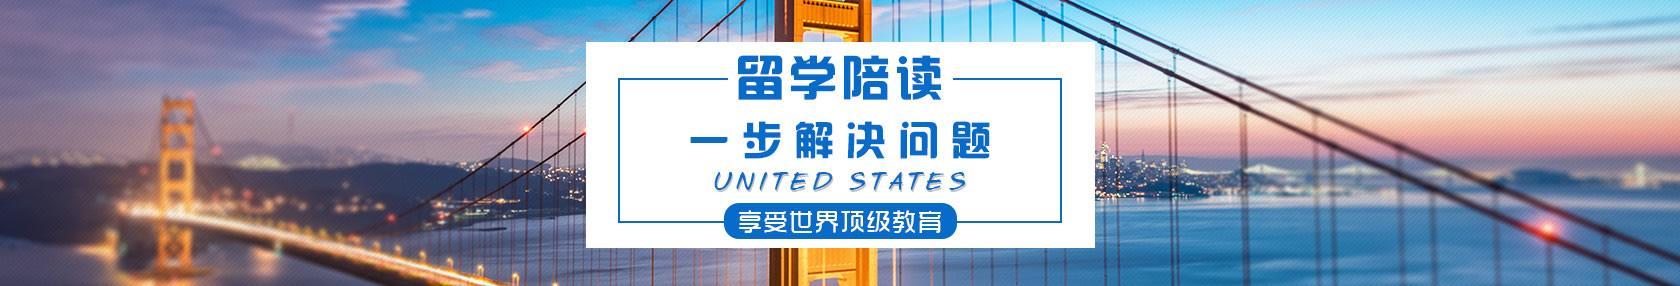 【美国成人留学】留学陪读一步解决问题,享受世界顶级教育